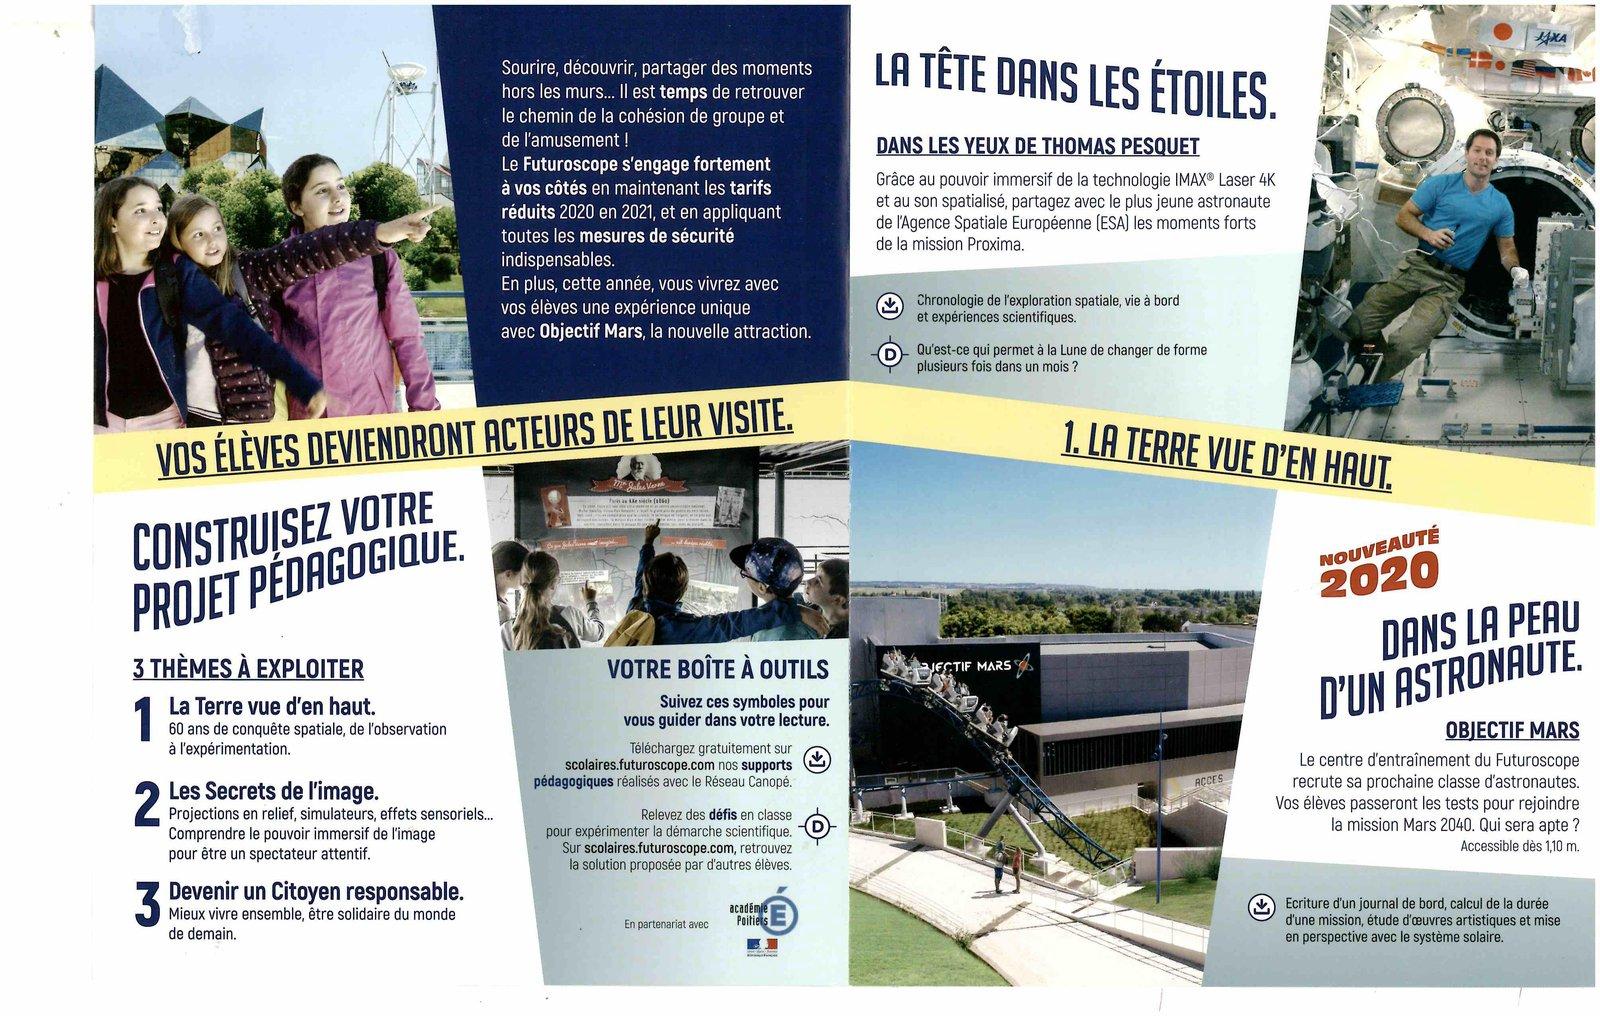 Publicité / campagnes d'affichage urbain - Page 5 20090108165413628